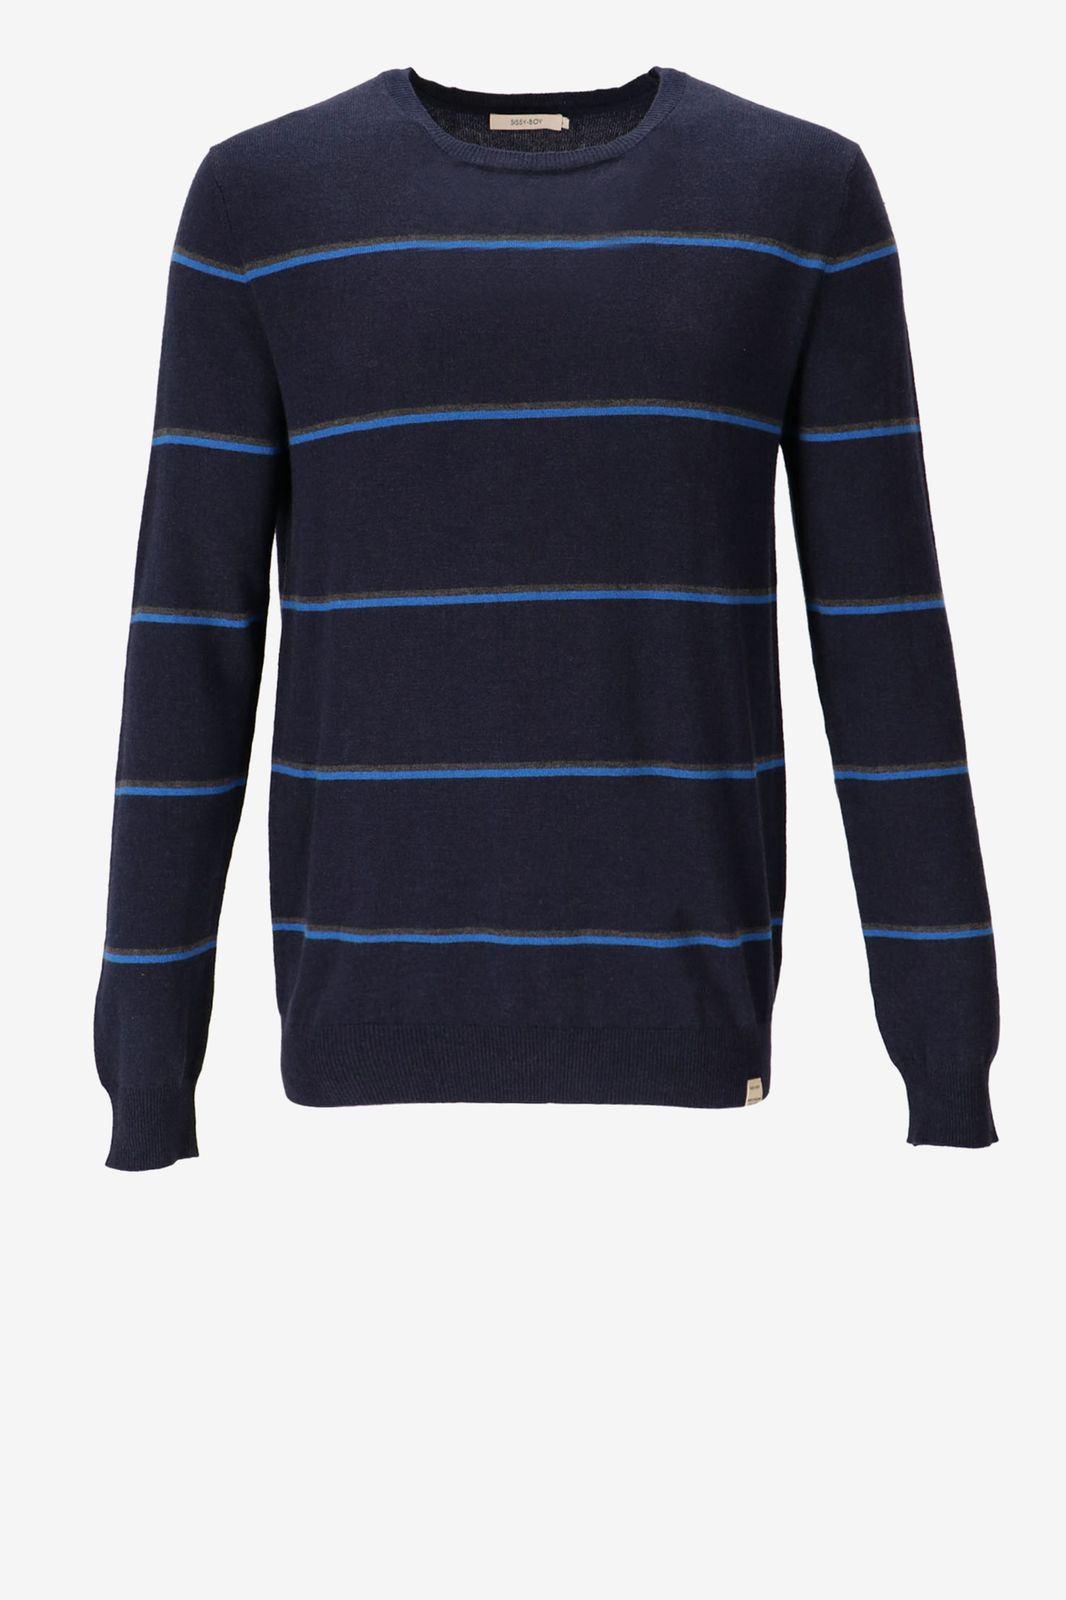 Donkerblauwe gestreepte trui